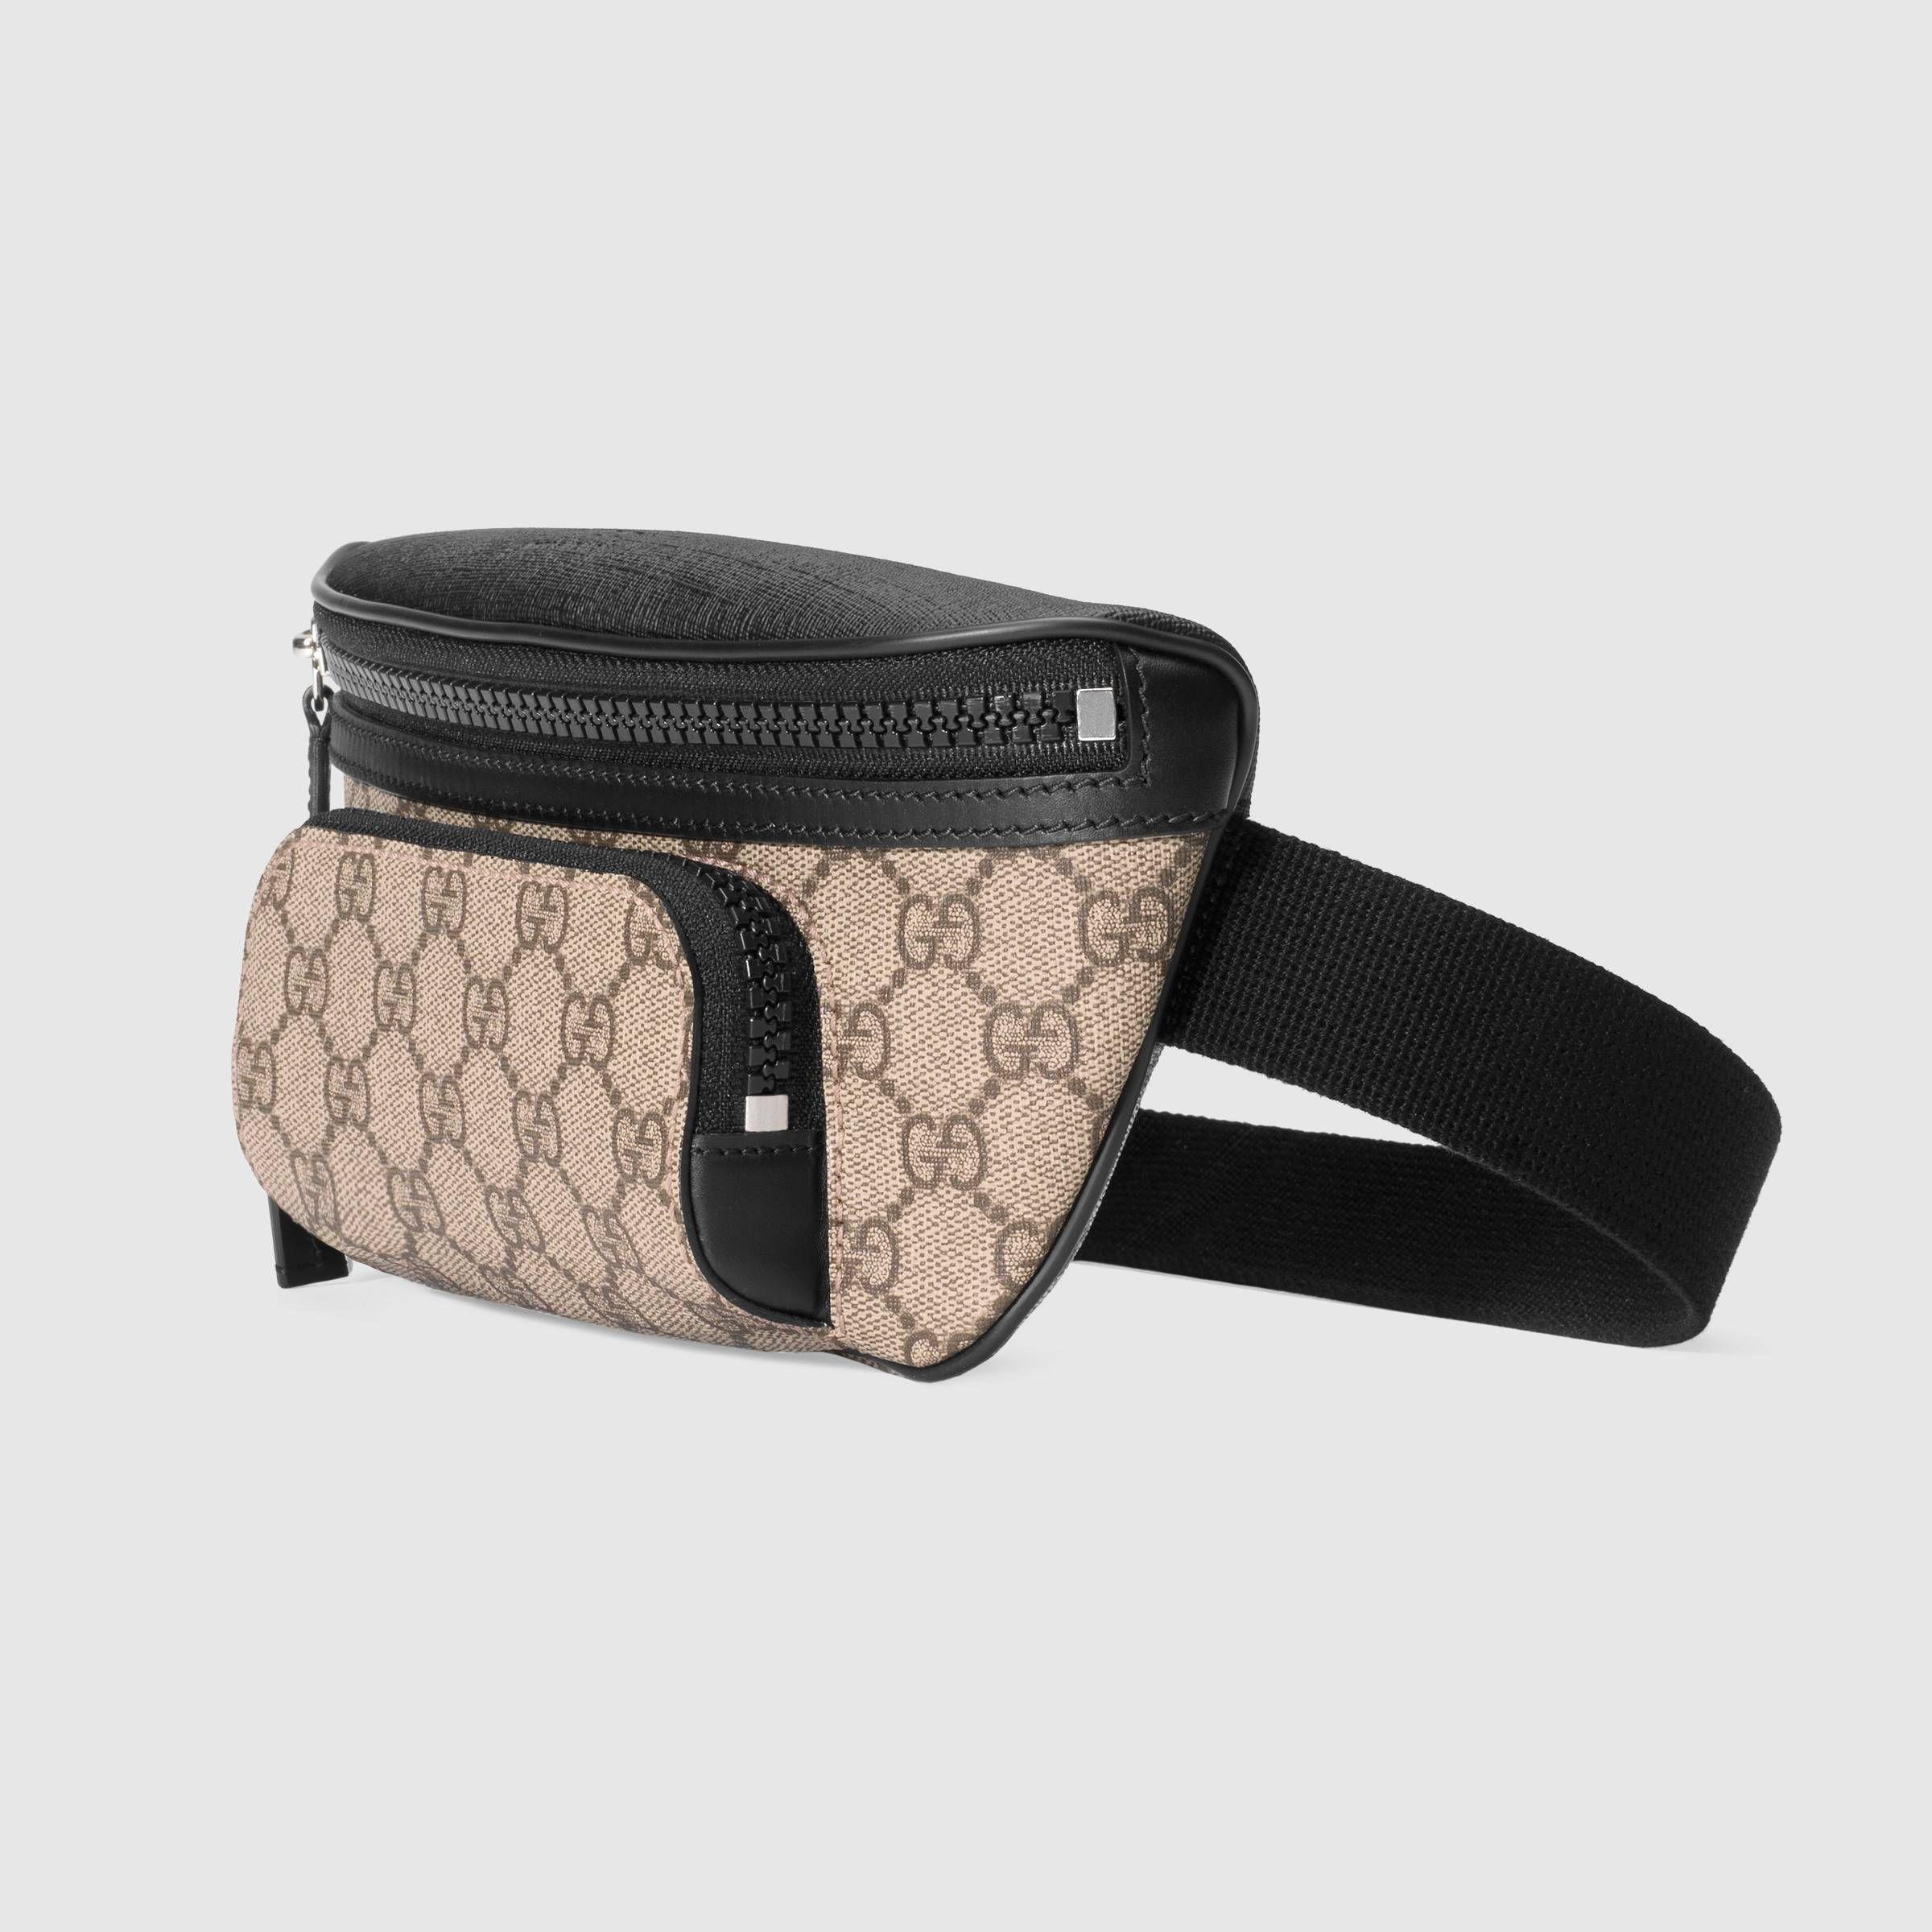 Gucci , Gucci Eden belt bag